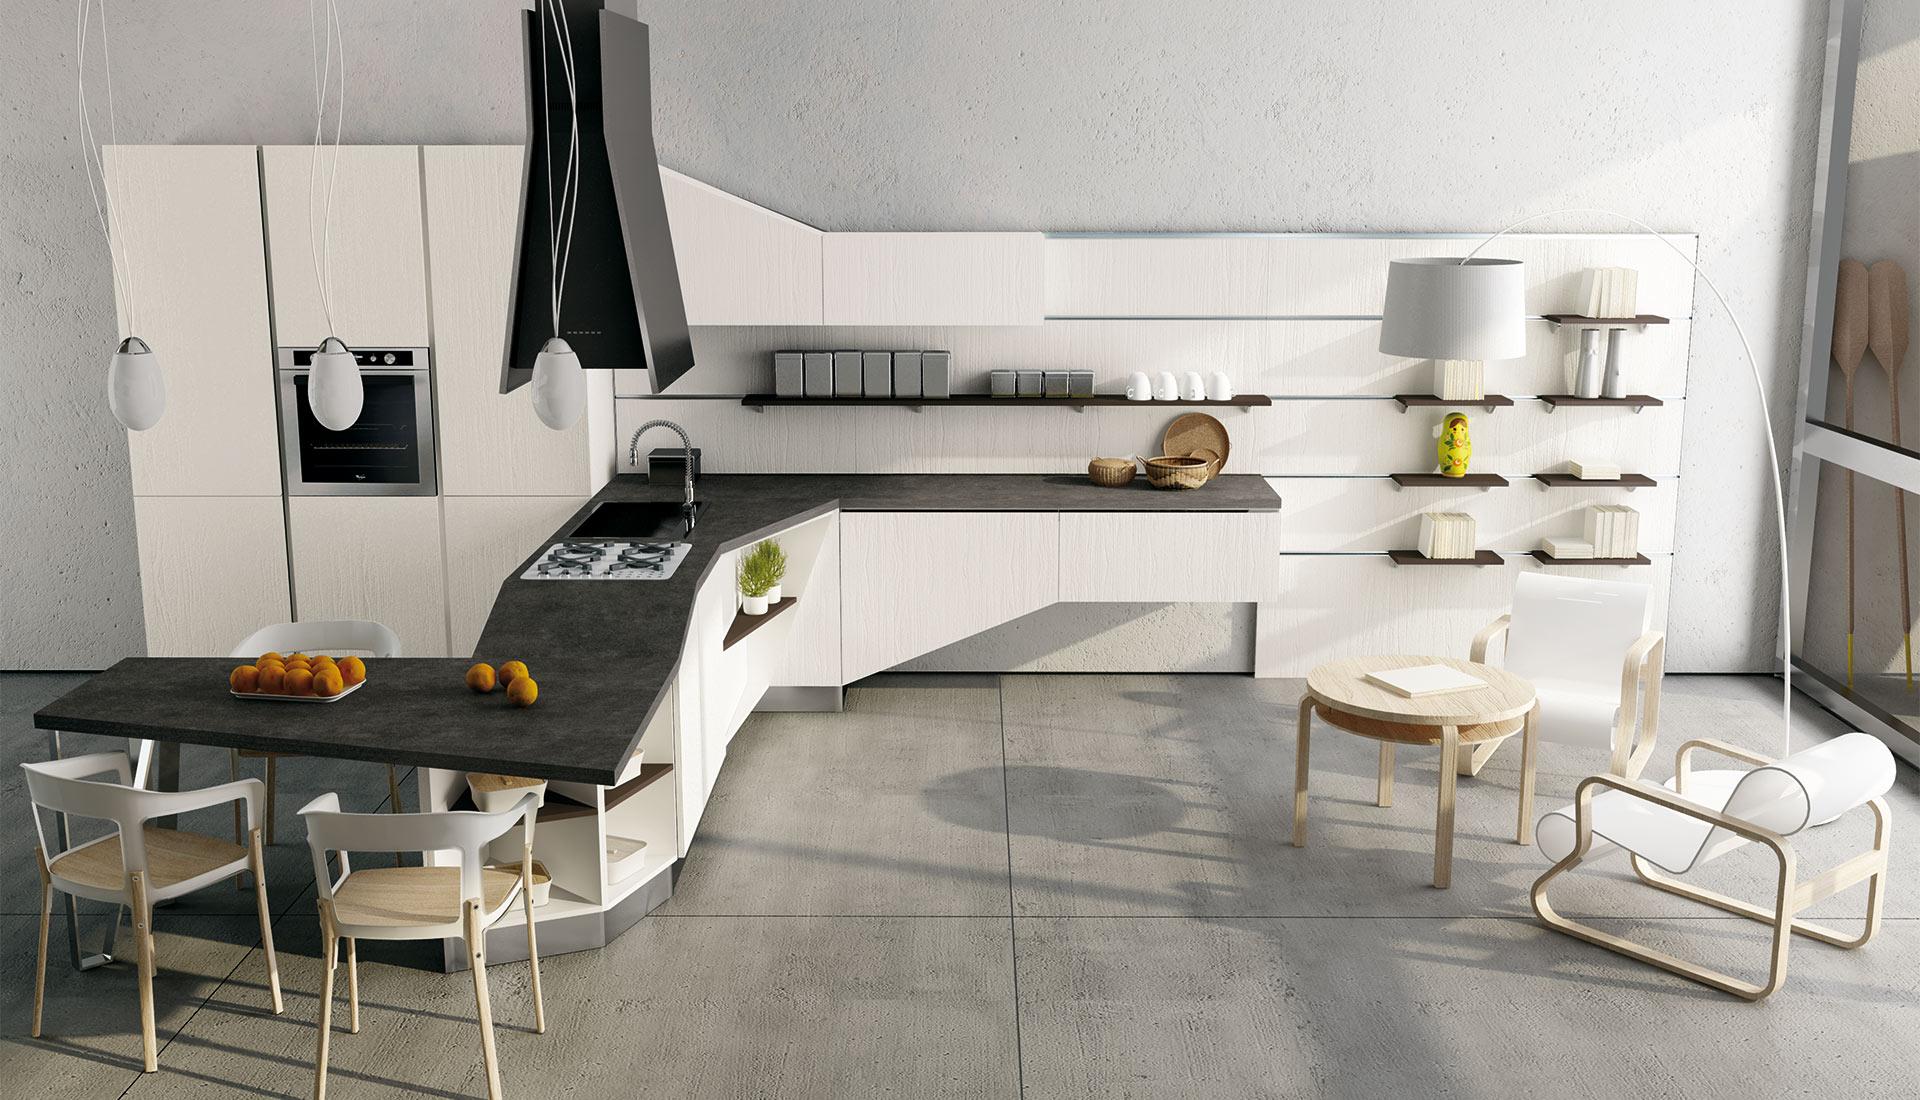 Perculiare Di Asia Il Nuovo Modello Di Cucina Moderna Di  #B68115 1920 1100 Foto Di Cucine Arte Povera